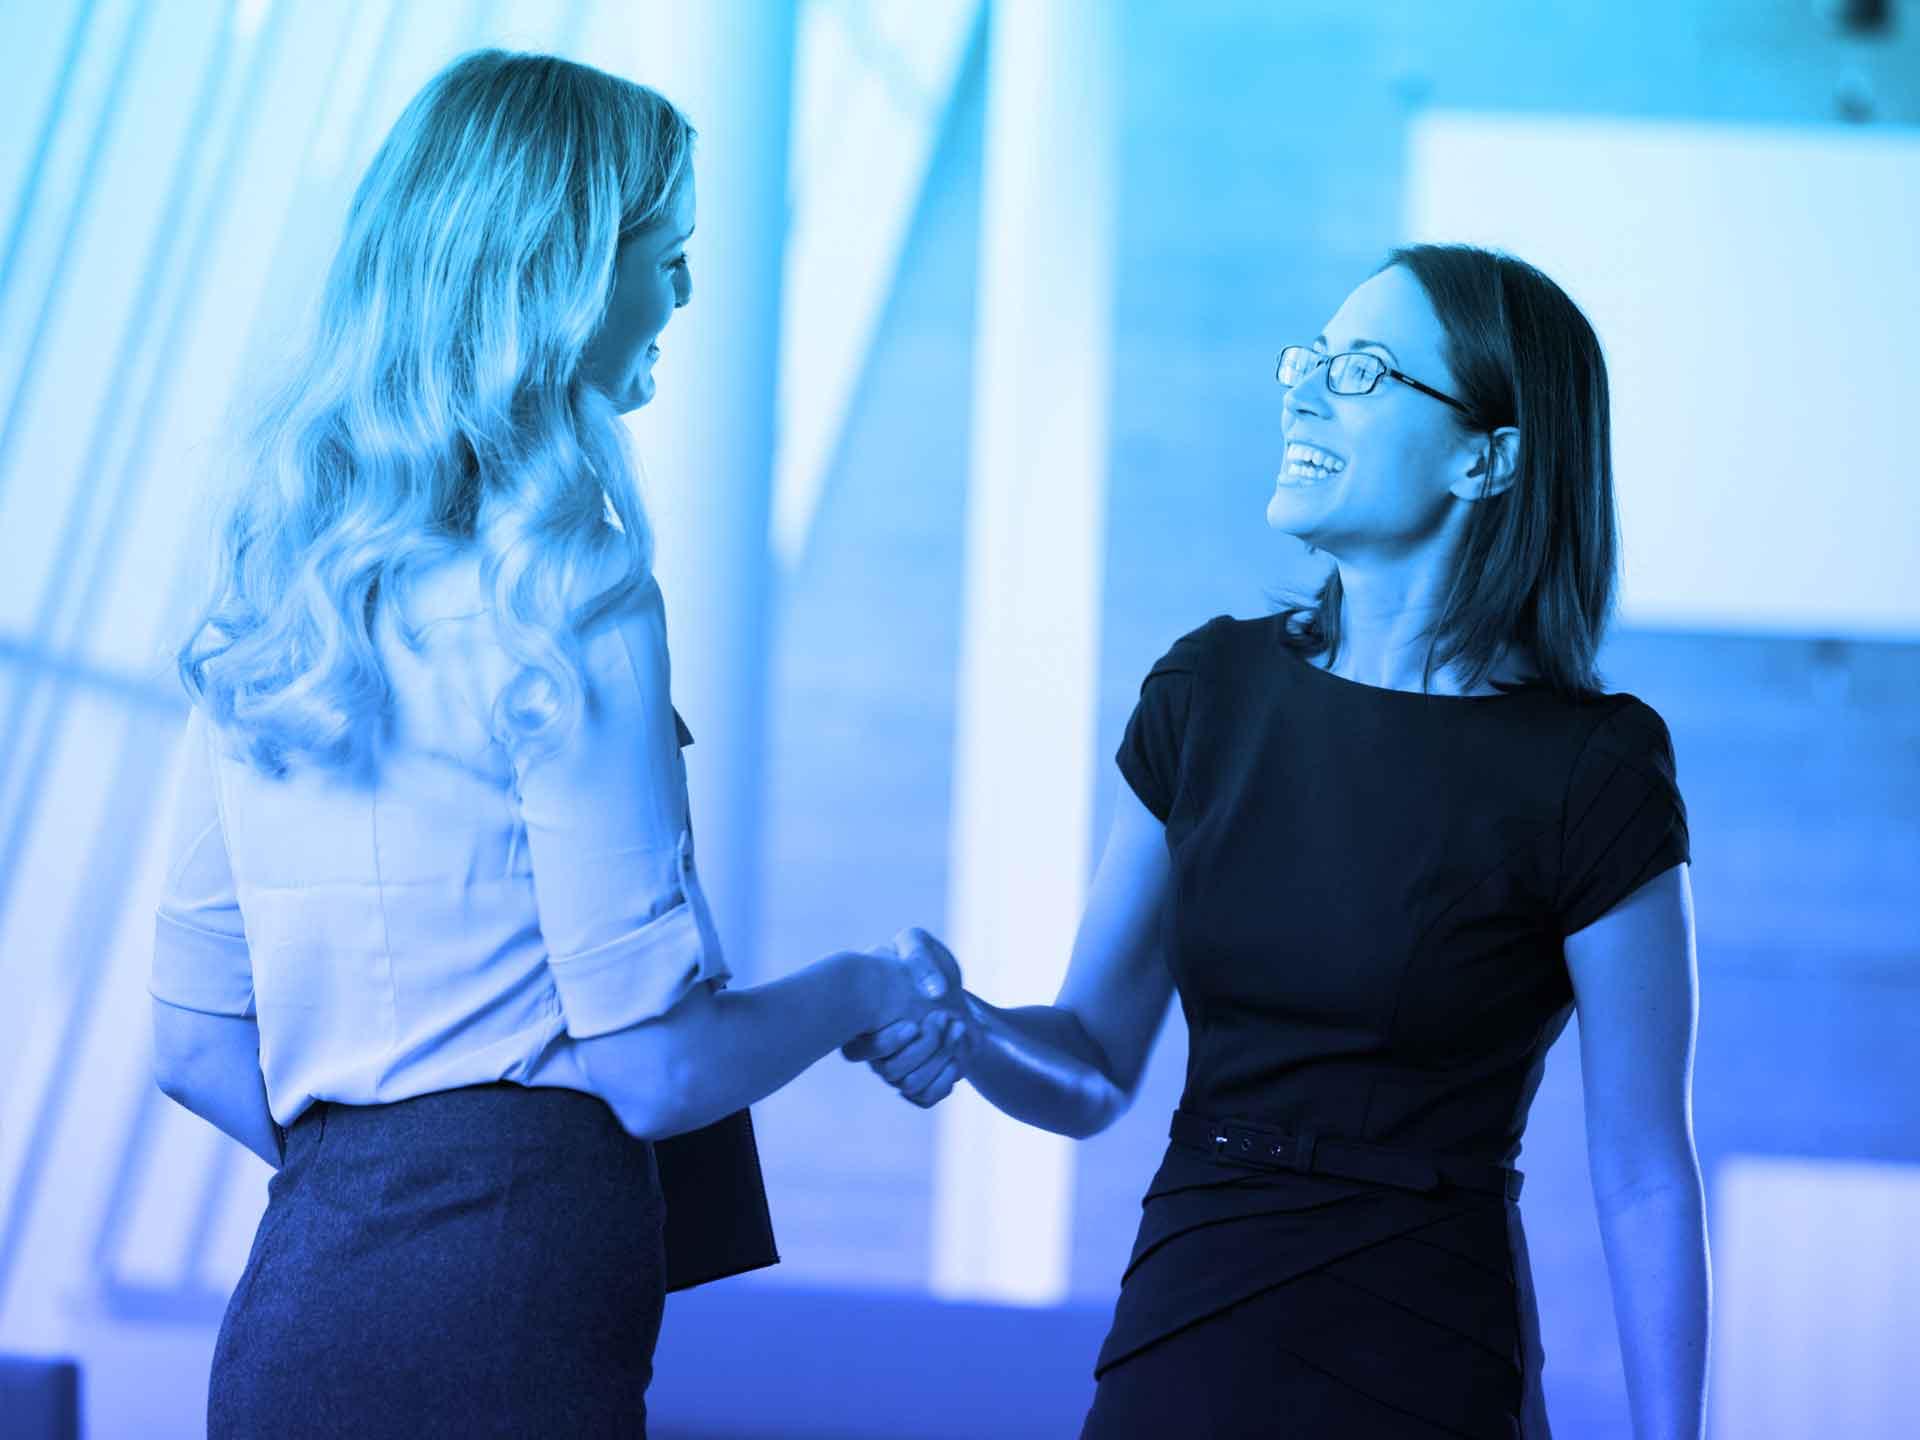 Microsoft Dynamics 365 Sales methodes de vente plus intelligentes